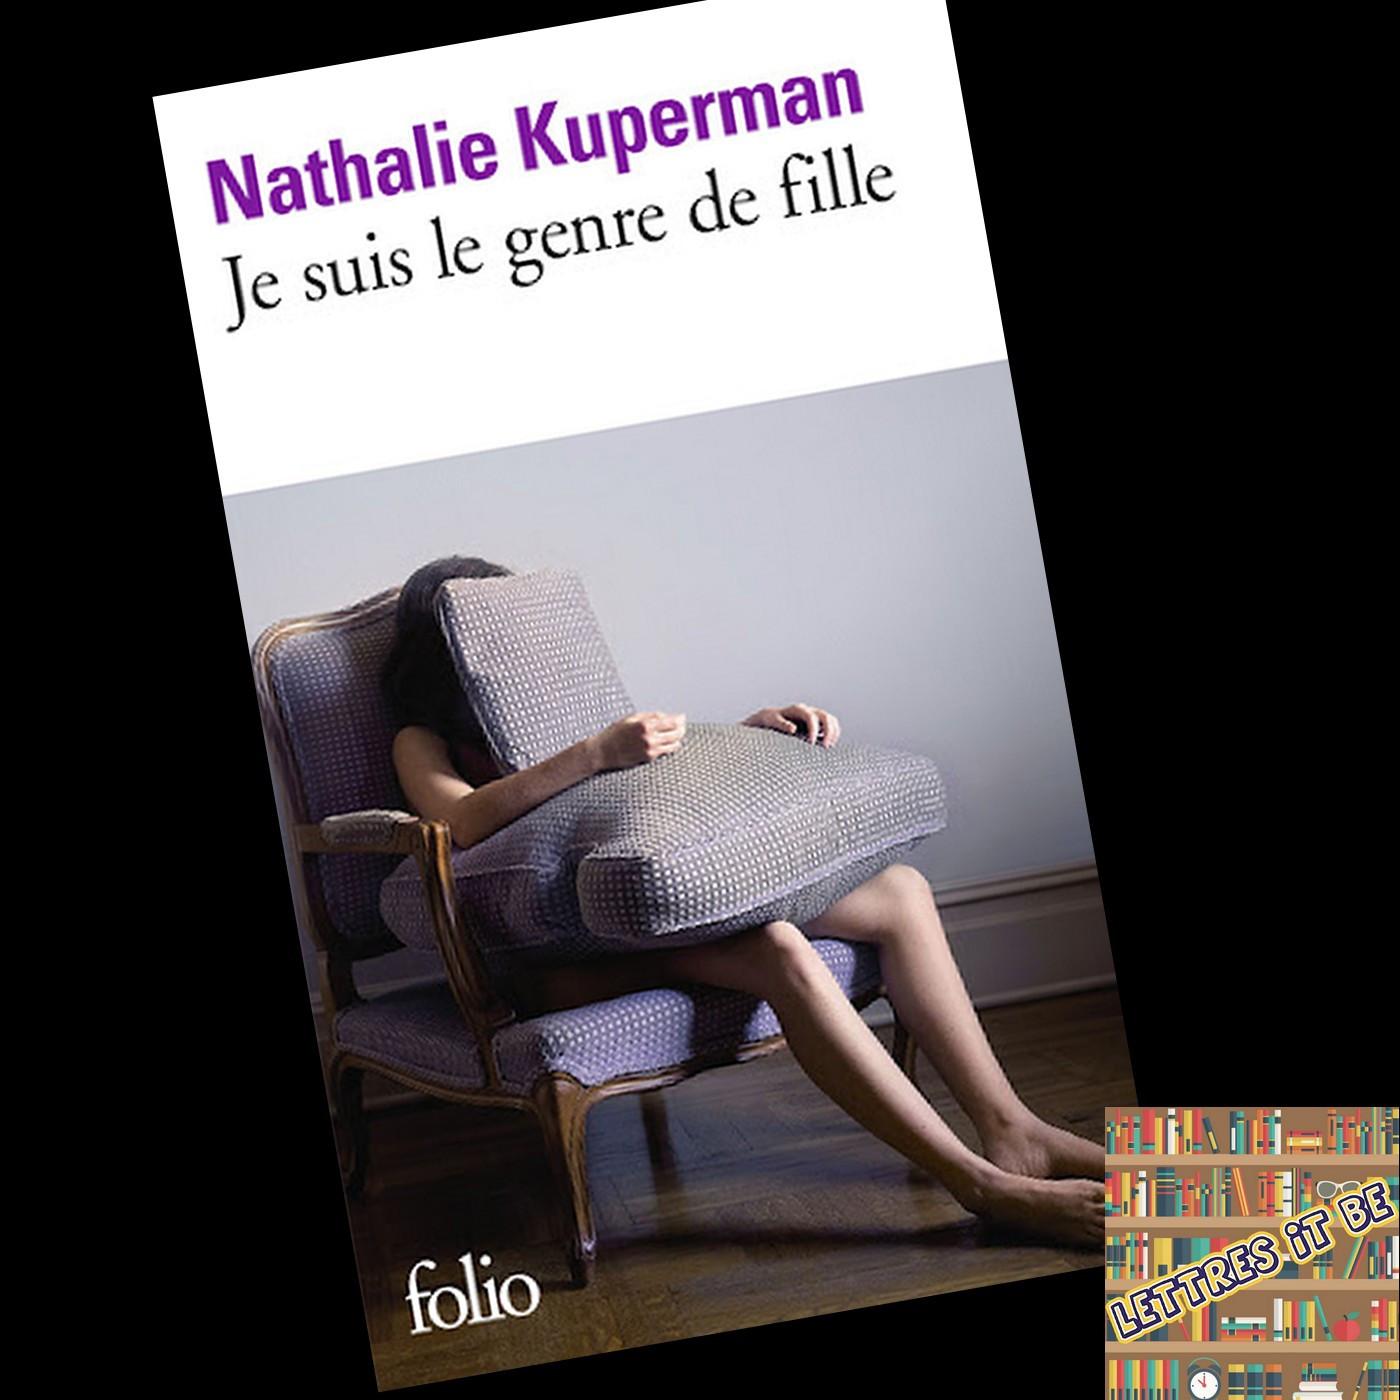 Critique de Je suis le genre de fille de Nathalie Kuperman (Livre)